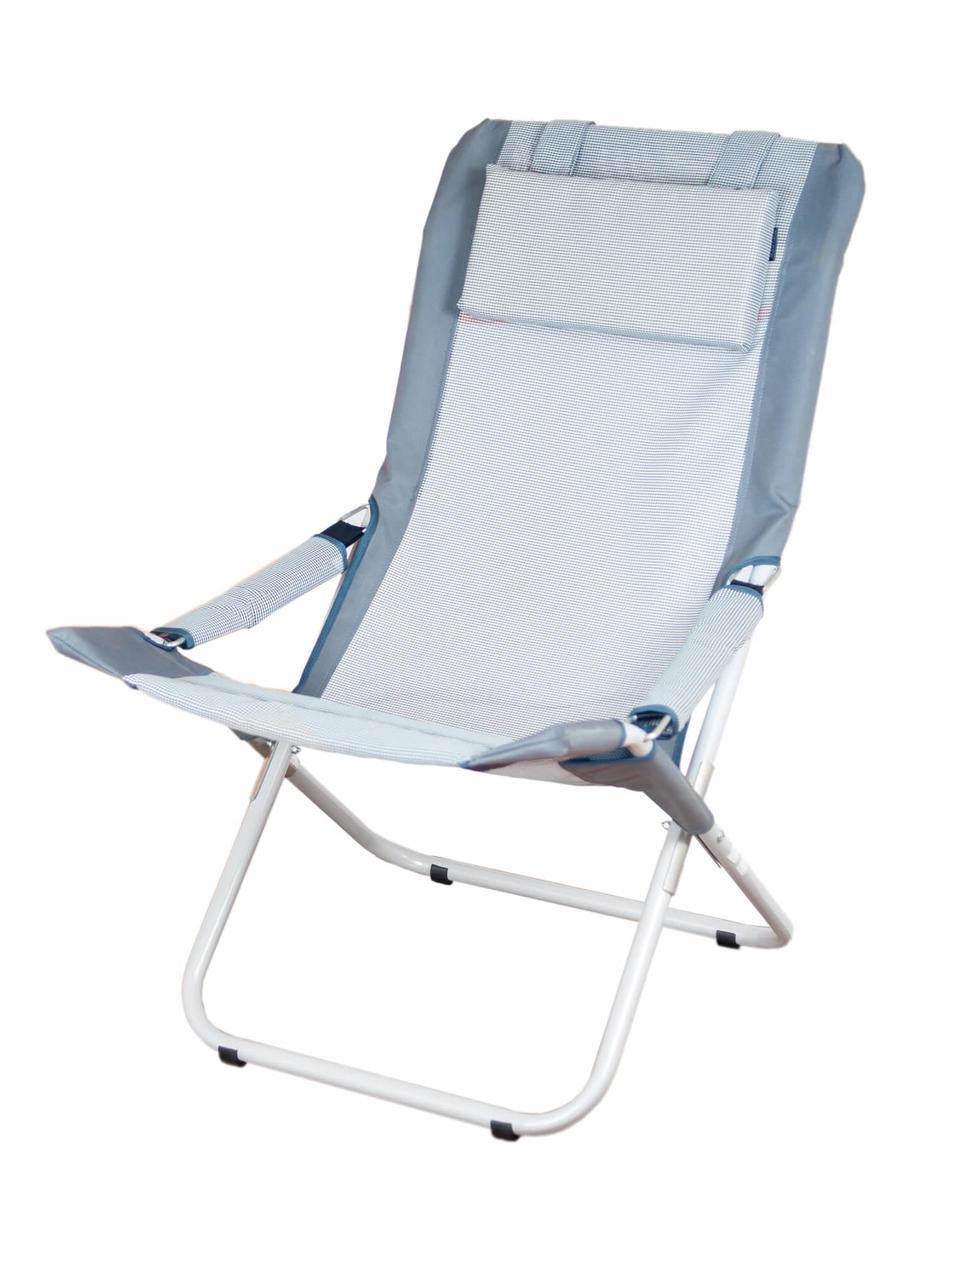 Шезлонг розкладний Comfort 2 Grey сірий до 140 кг